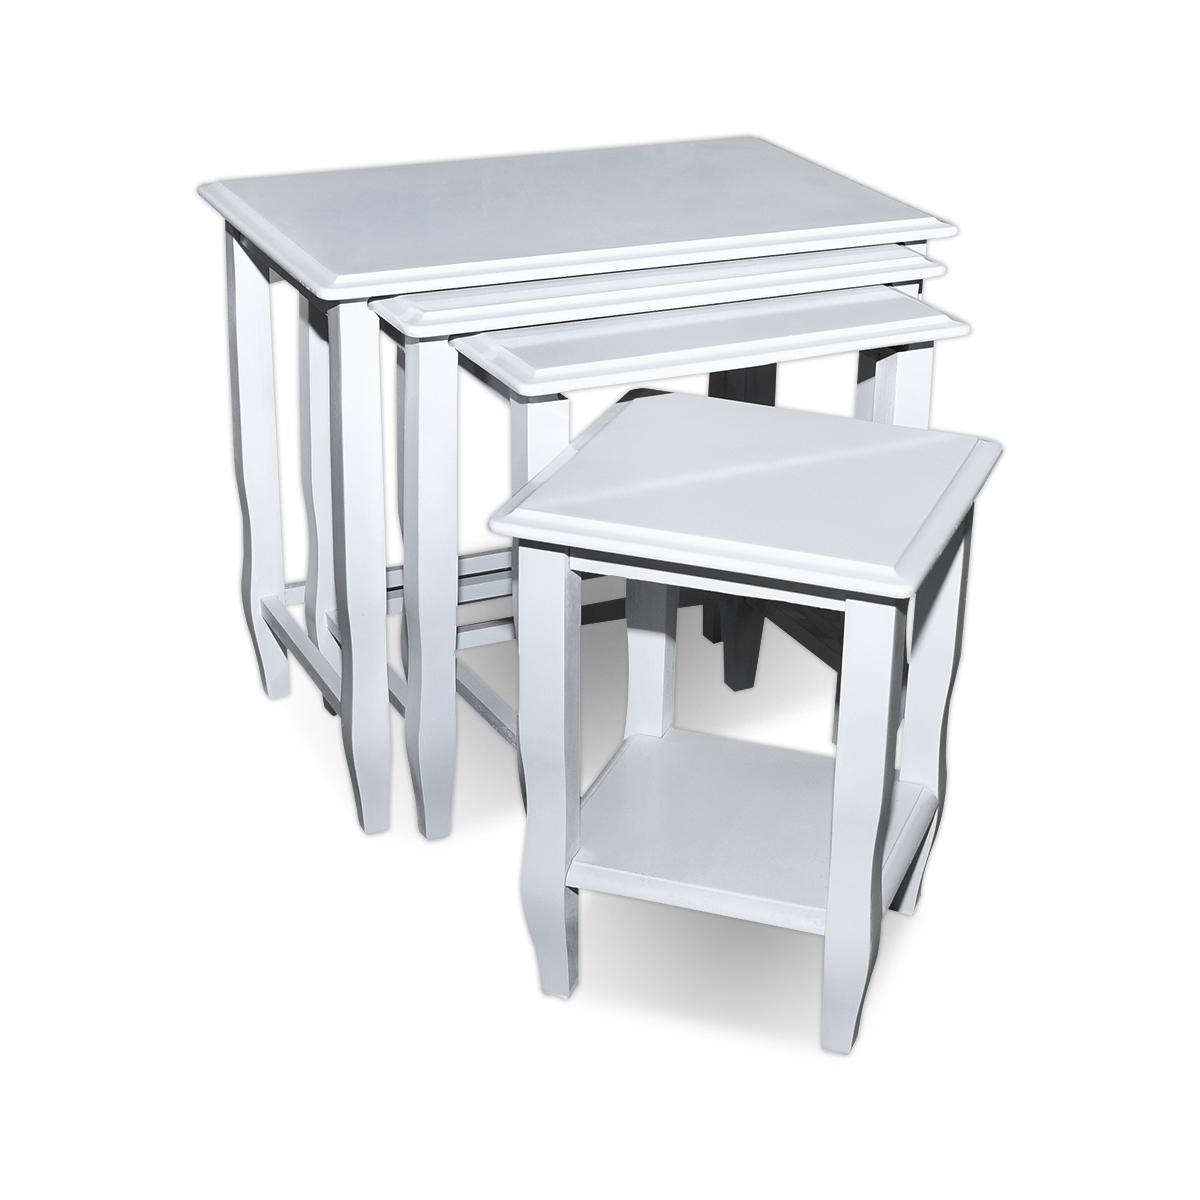 طاولة تقديم وخدمة خشب 4 قطع الوان واشكال متعدده   موديل 0101